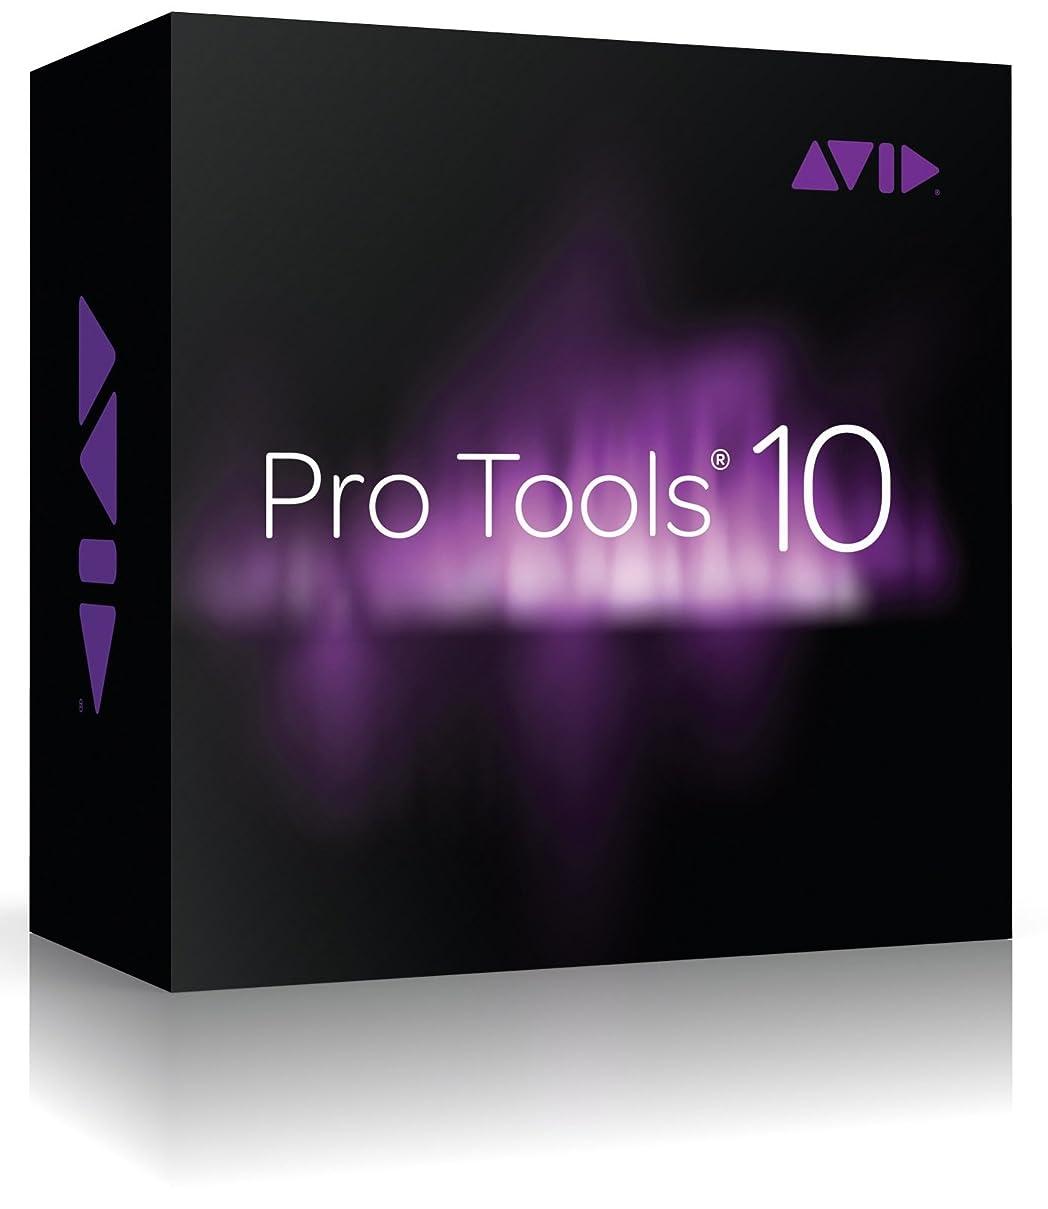 ミンチバブル原稿【国内正規品】 AVID ProToolsソフトウェア Pro Tools 10 for Students (DVD-ROM版) EDU (アカデミック版?学生用) PT10FORTEACHERS